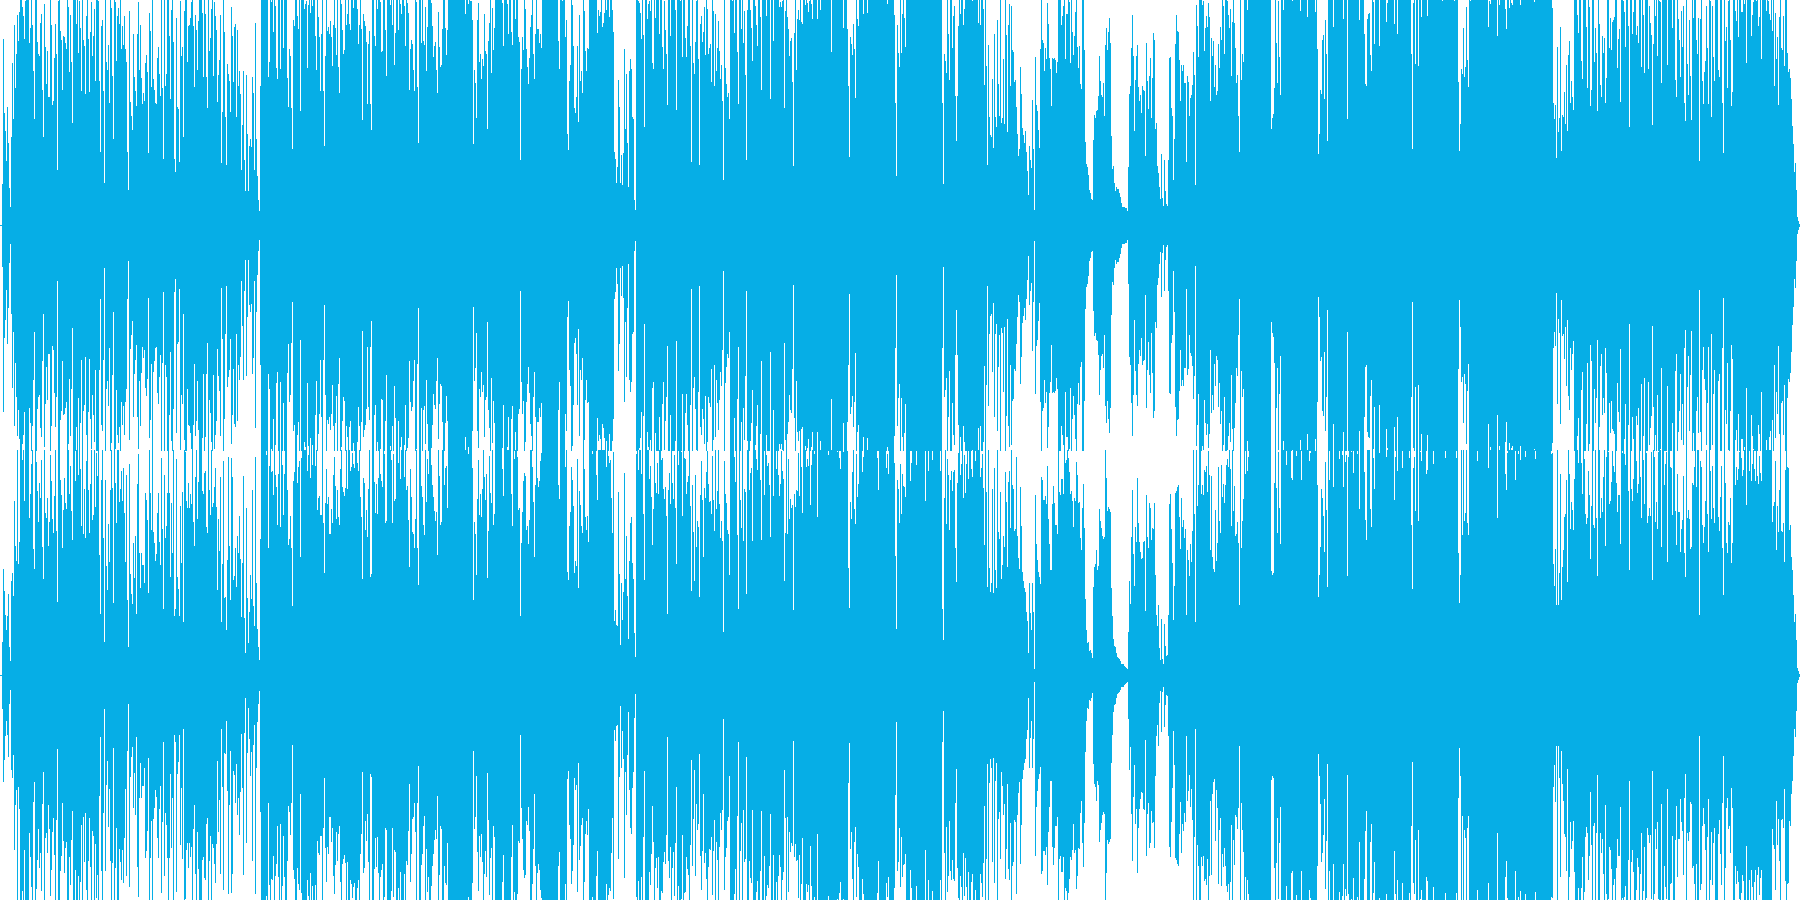 サックスが美しい青春キラーチューンの再生済みの波形